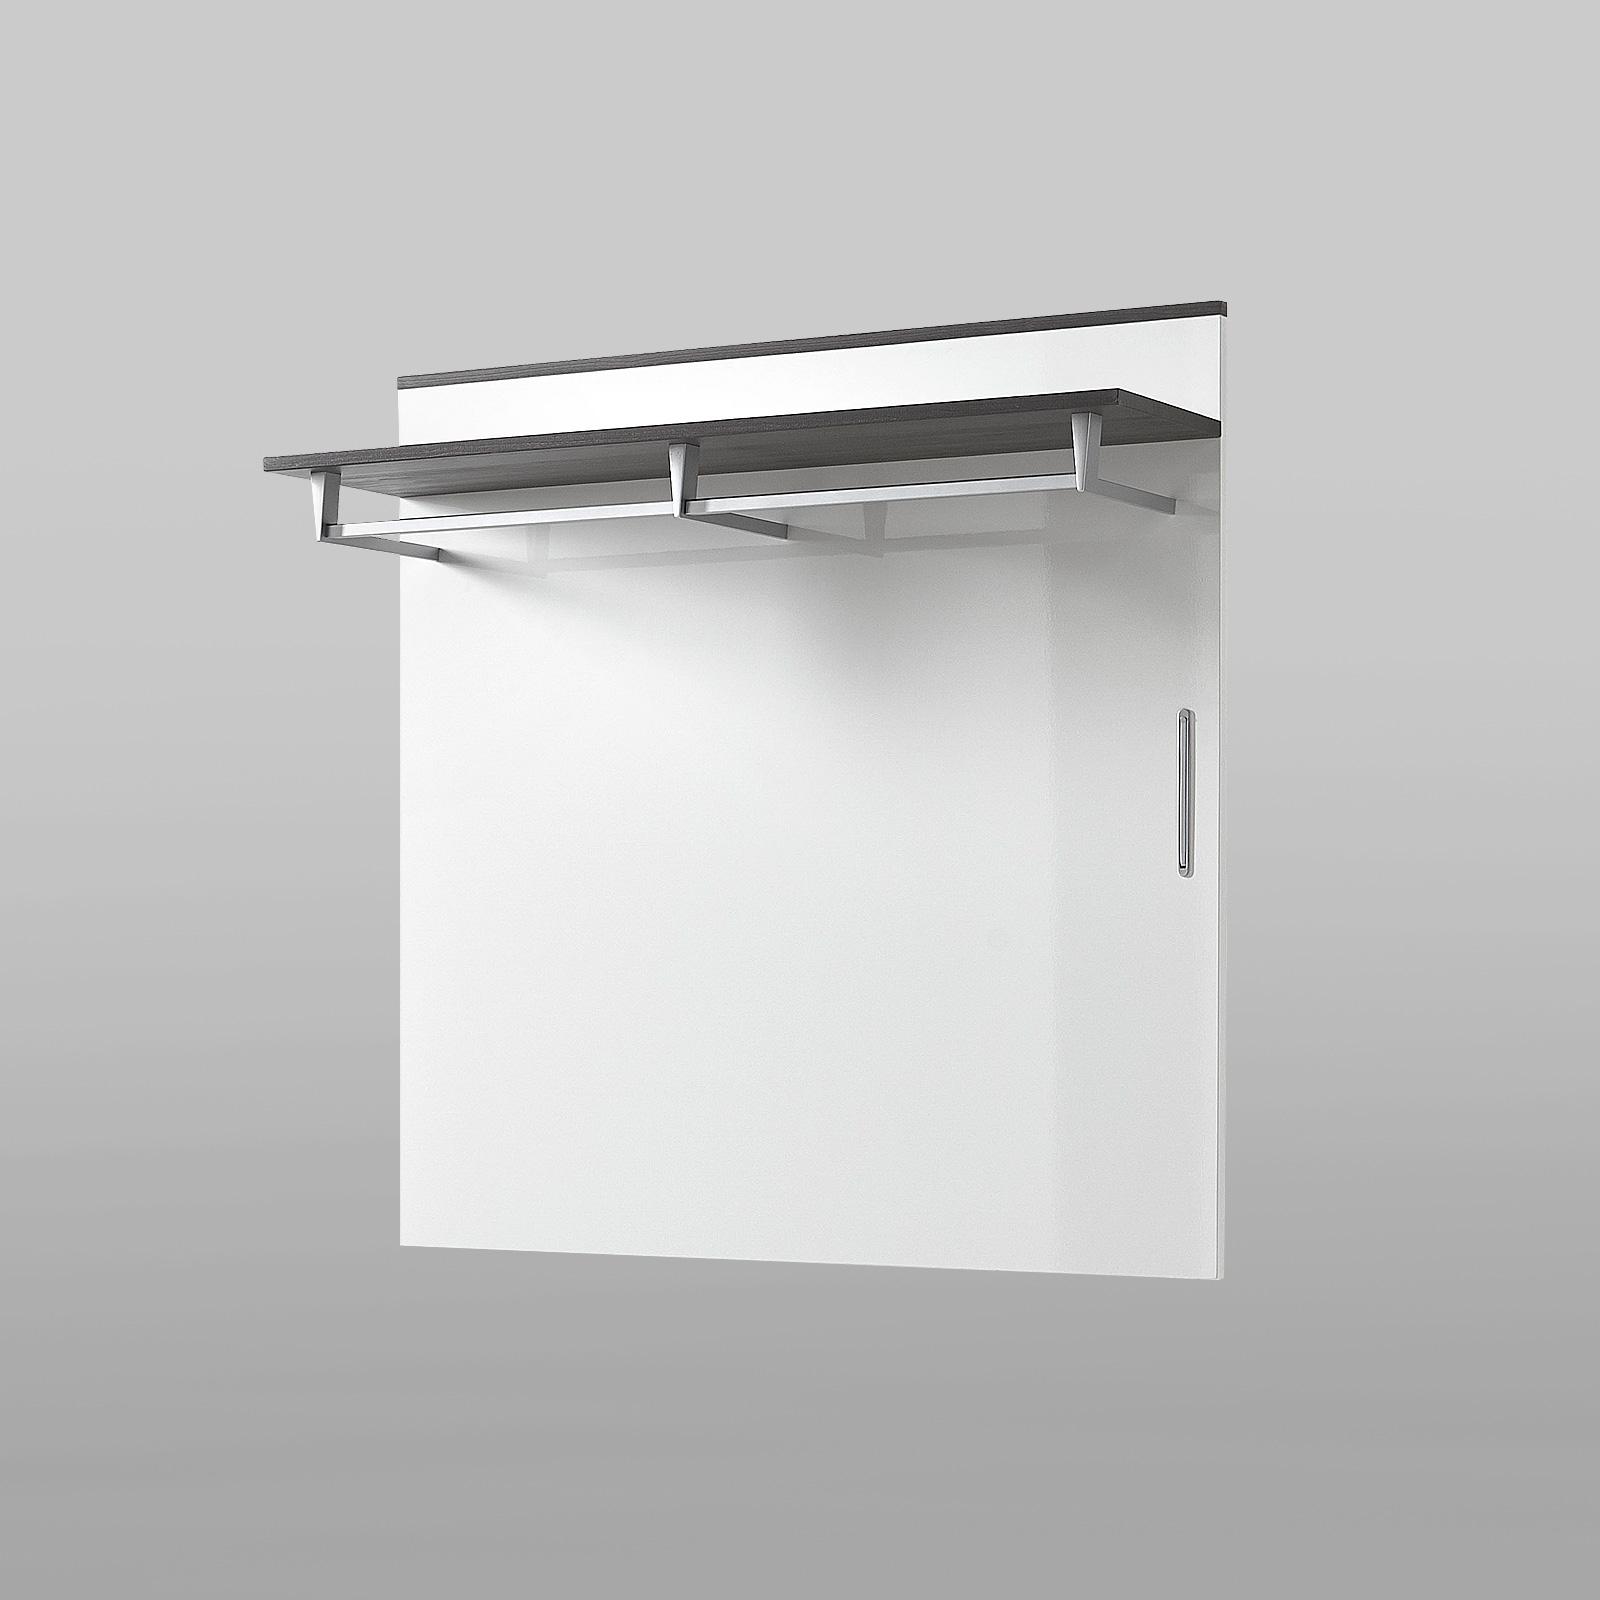 Garderobenpaneel reno wandpaneel in wei hochglanz und for Garderobenpaneel grau